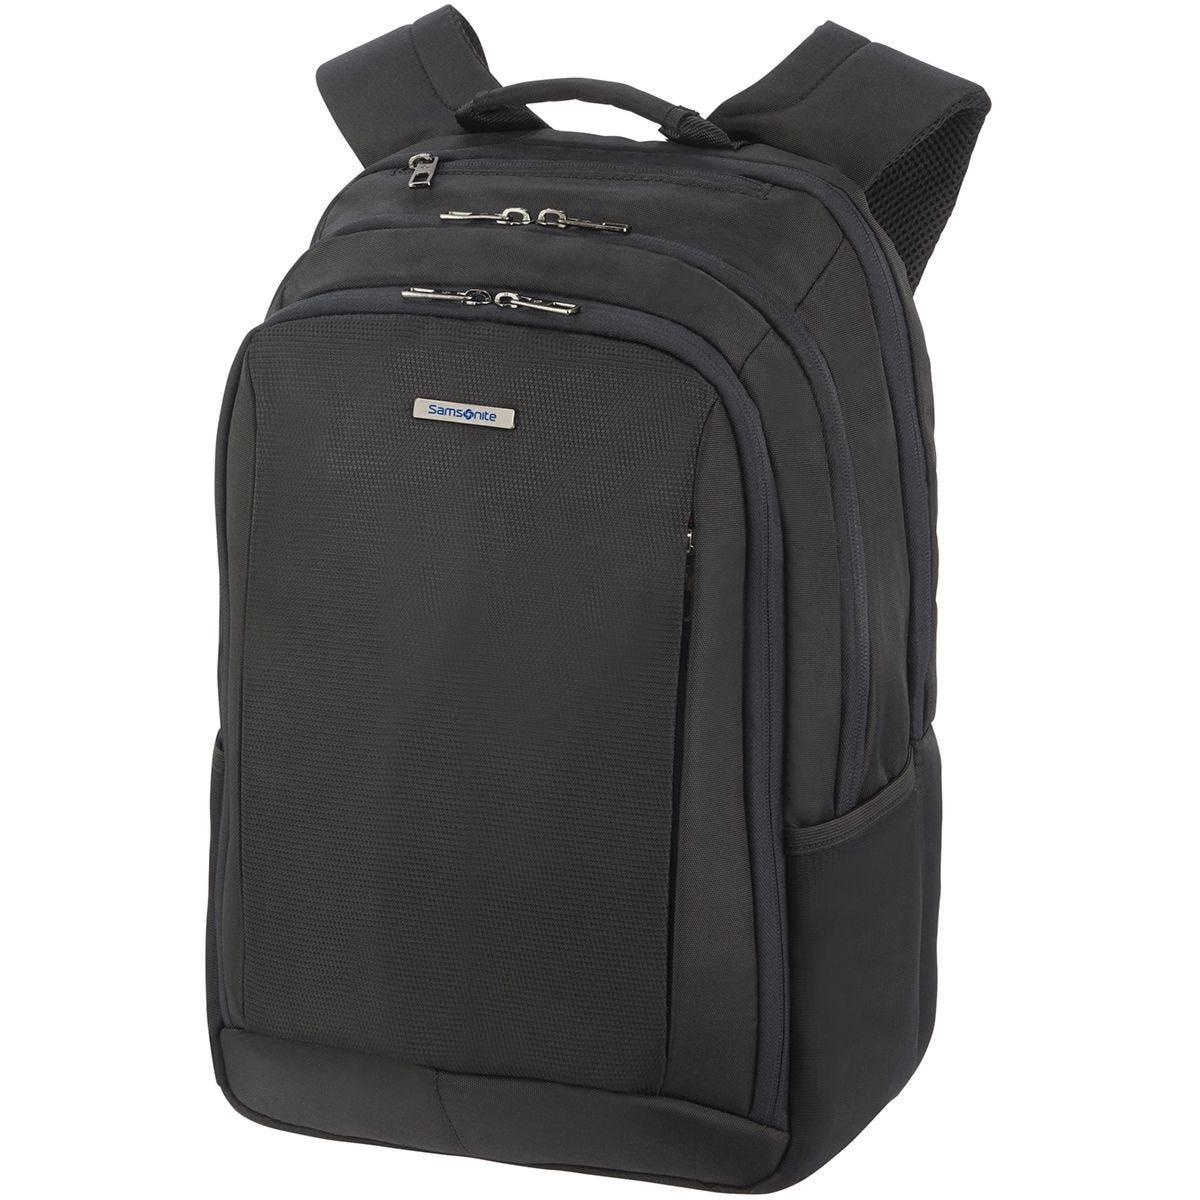 Samsonite Guard-IT 2.0 SP Laptop Backpack M 15.6